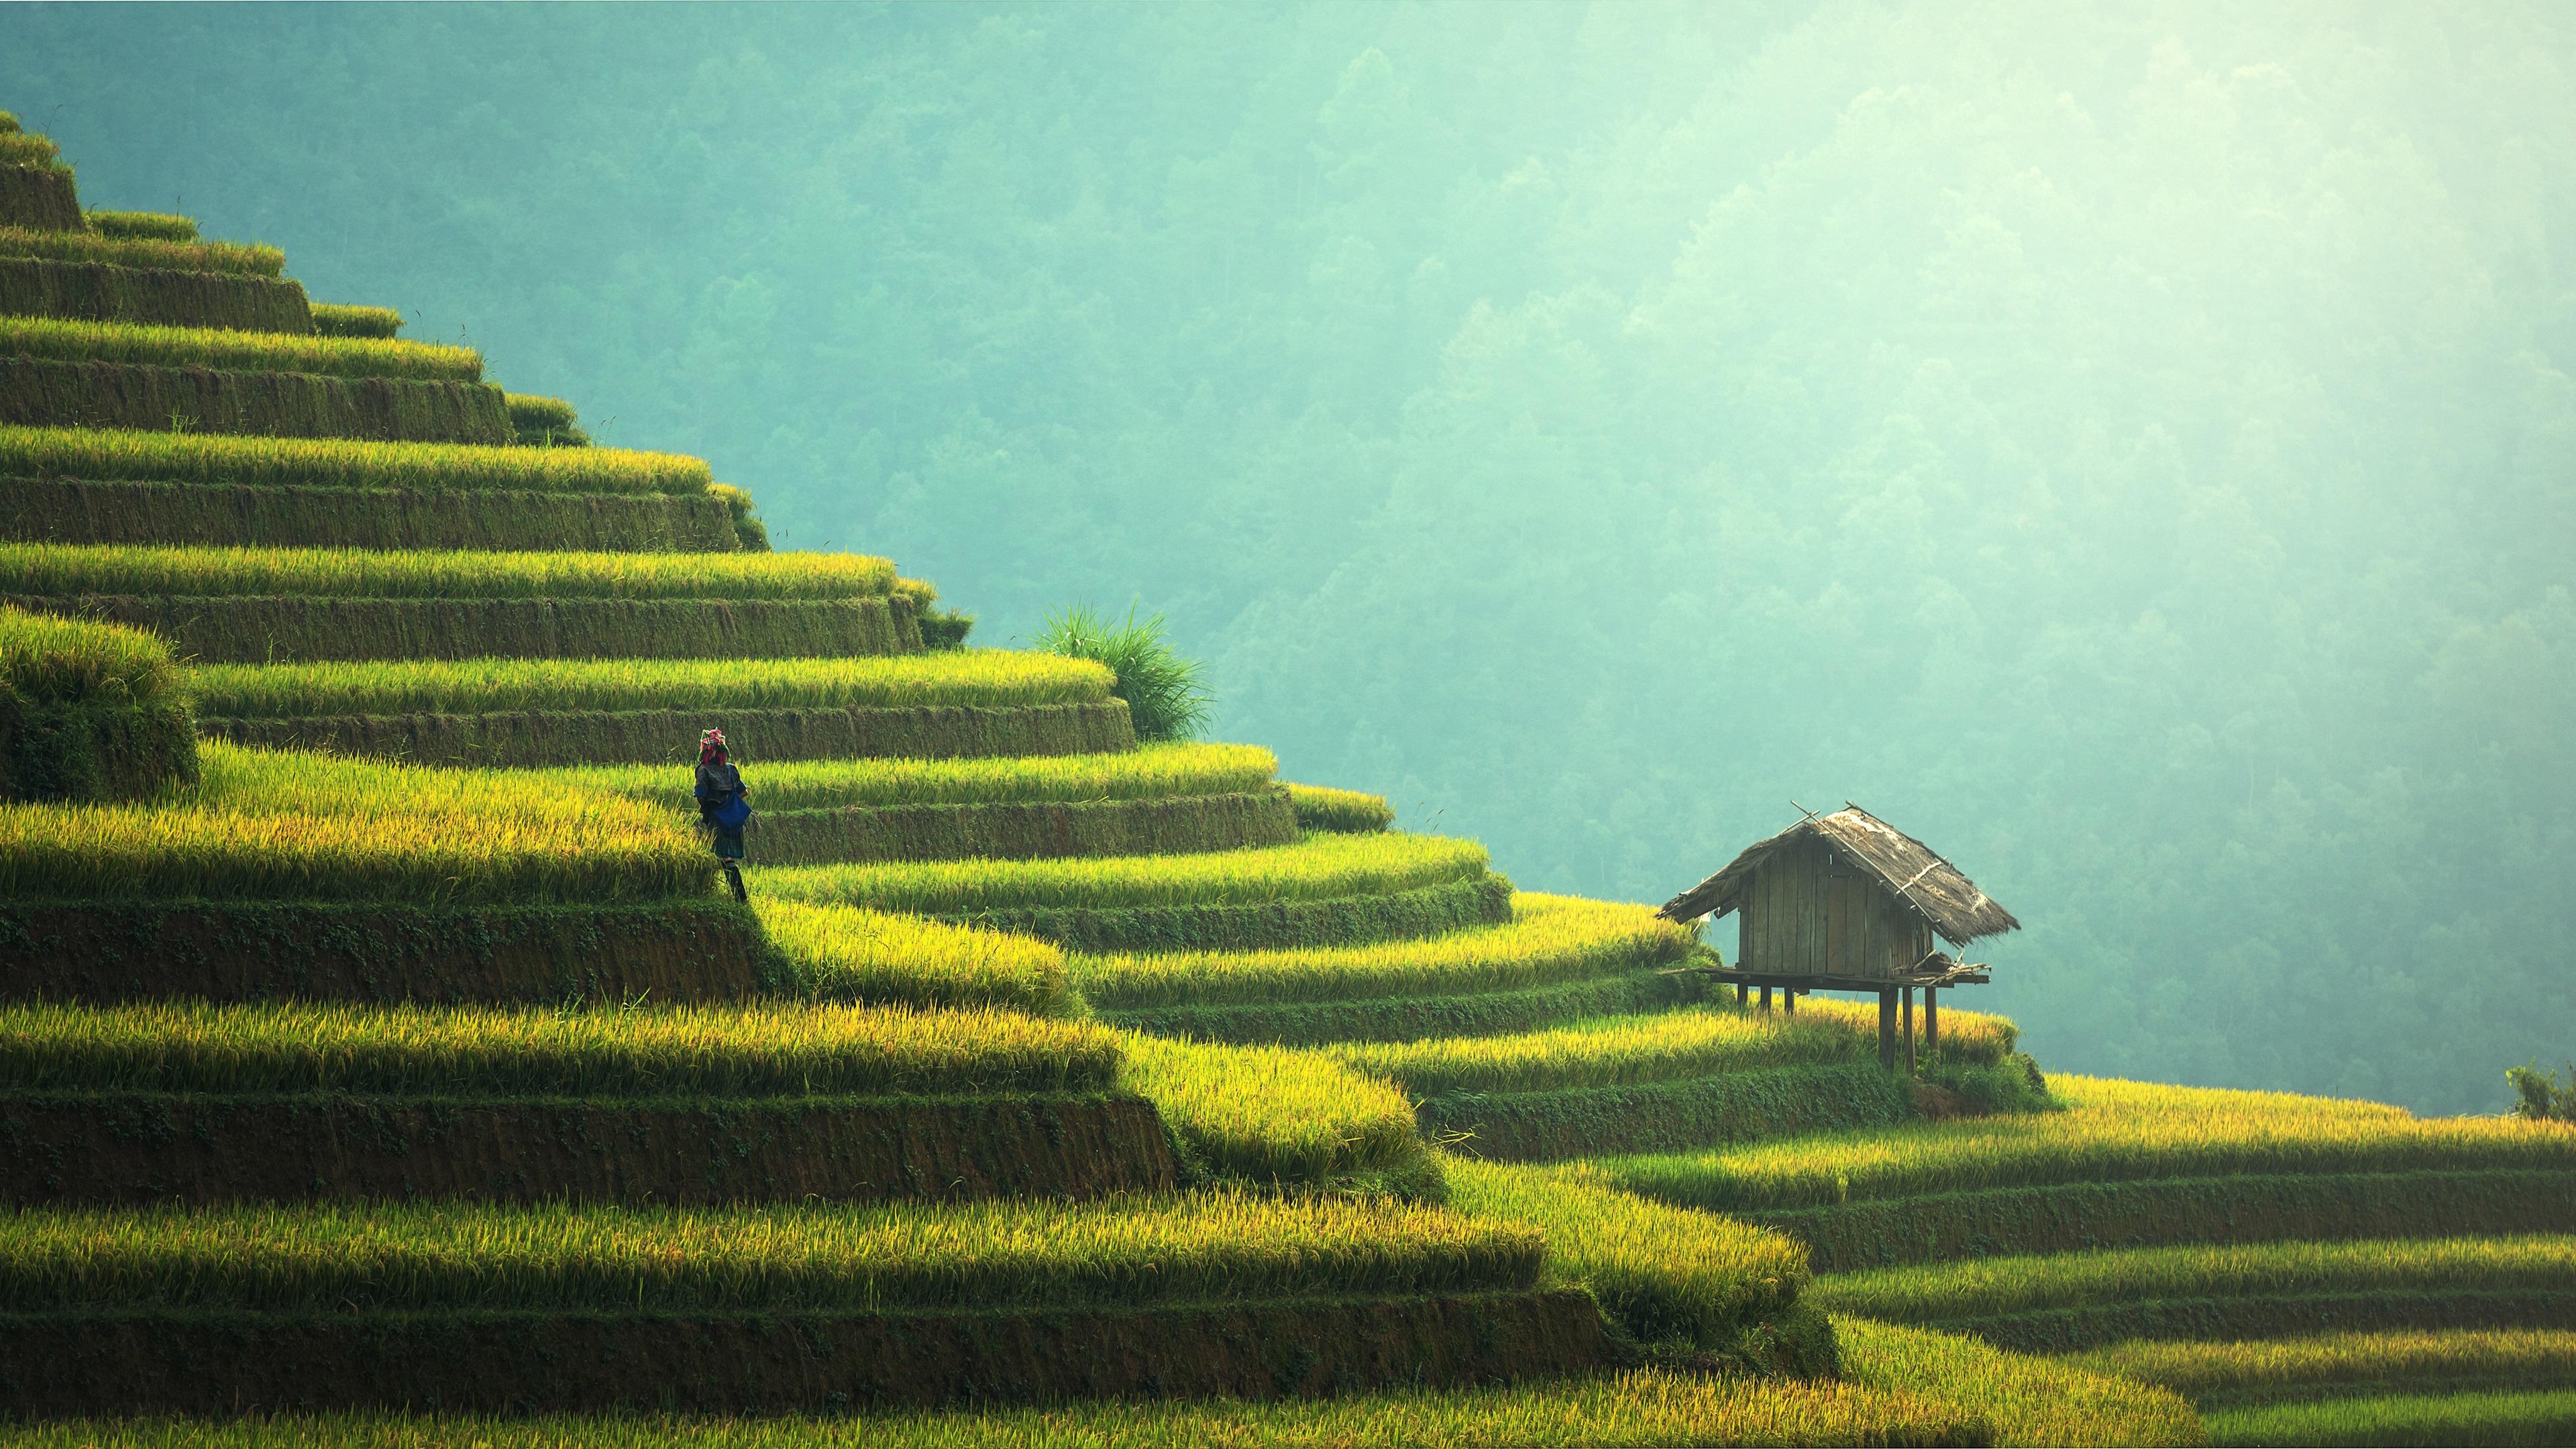 Fondos De Pantalla Hermosas Terrazas De Arroz China Campo